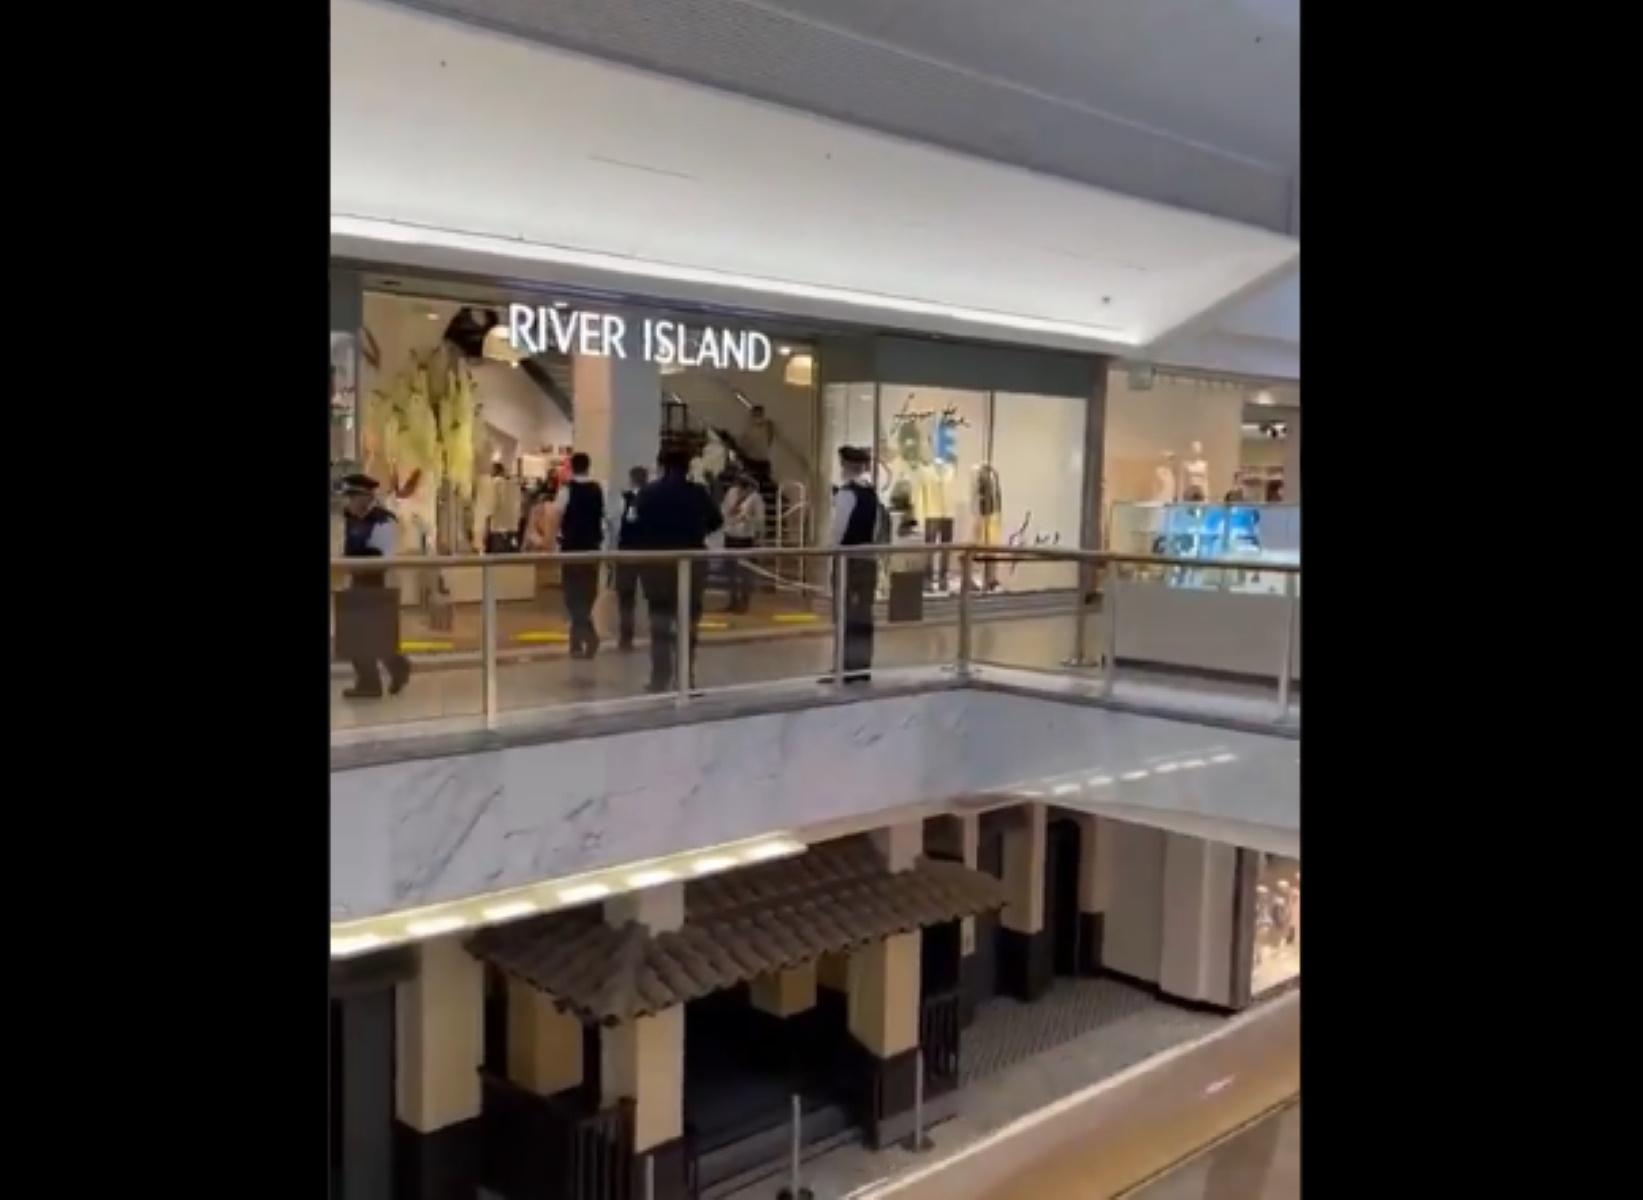 Επίθεση με μαχαίρι σε εμπορικό κέντρο του Λονδίνου – Ένας νεκρός